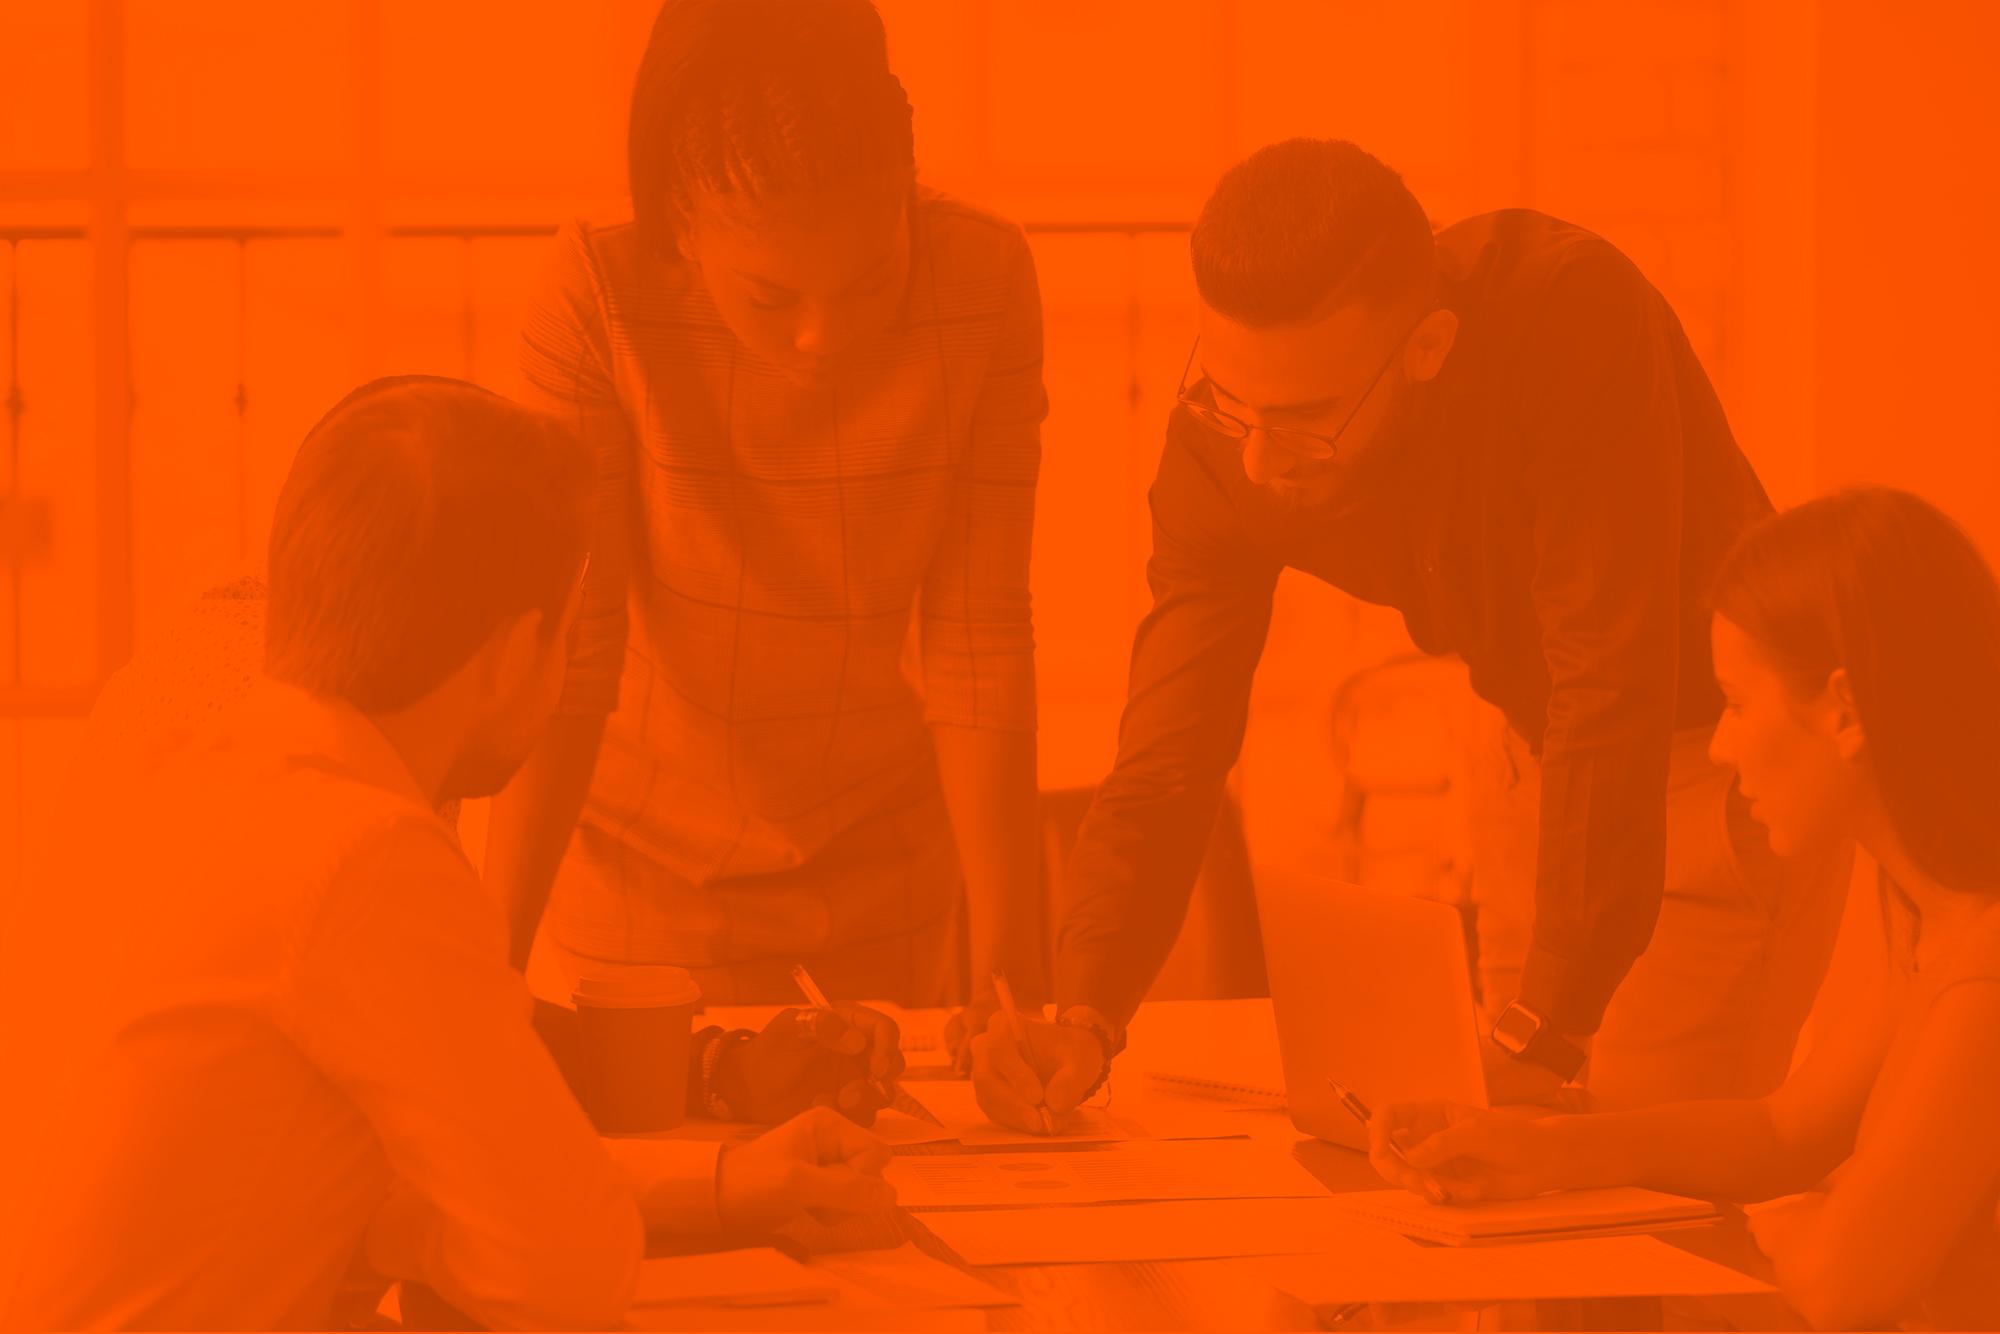 team_orange-4171dc1279ad73d3c7e9ca301c6cc1ad